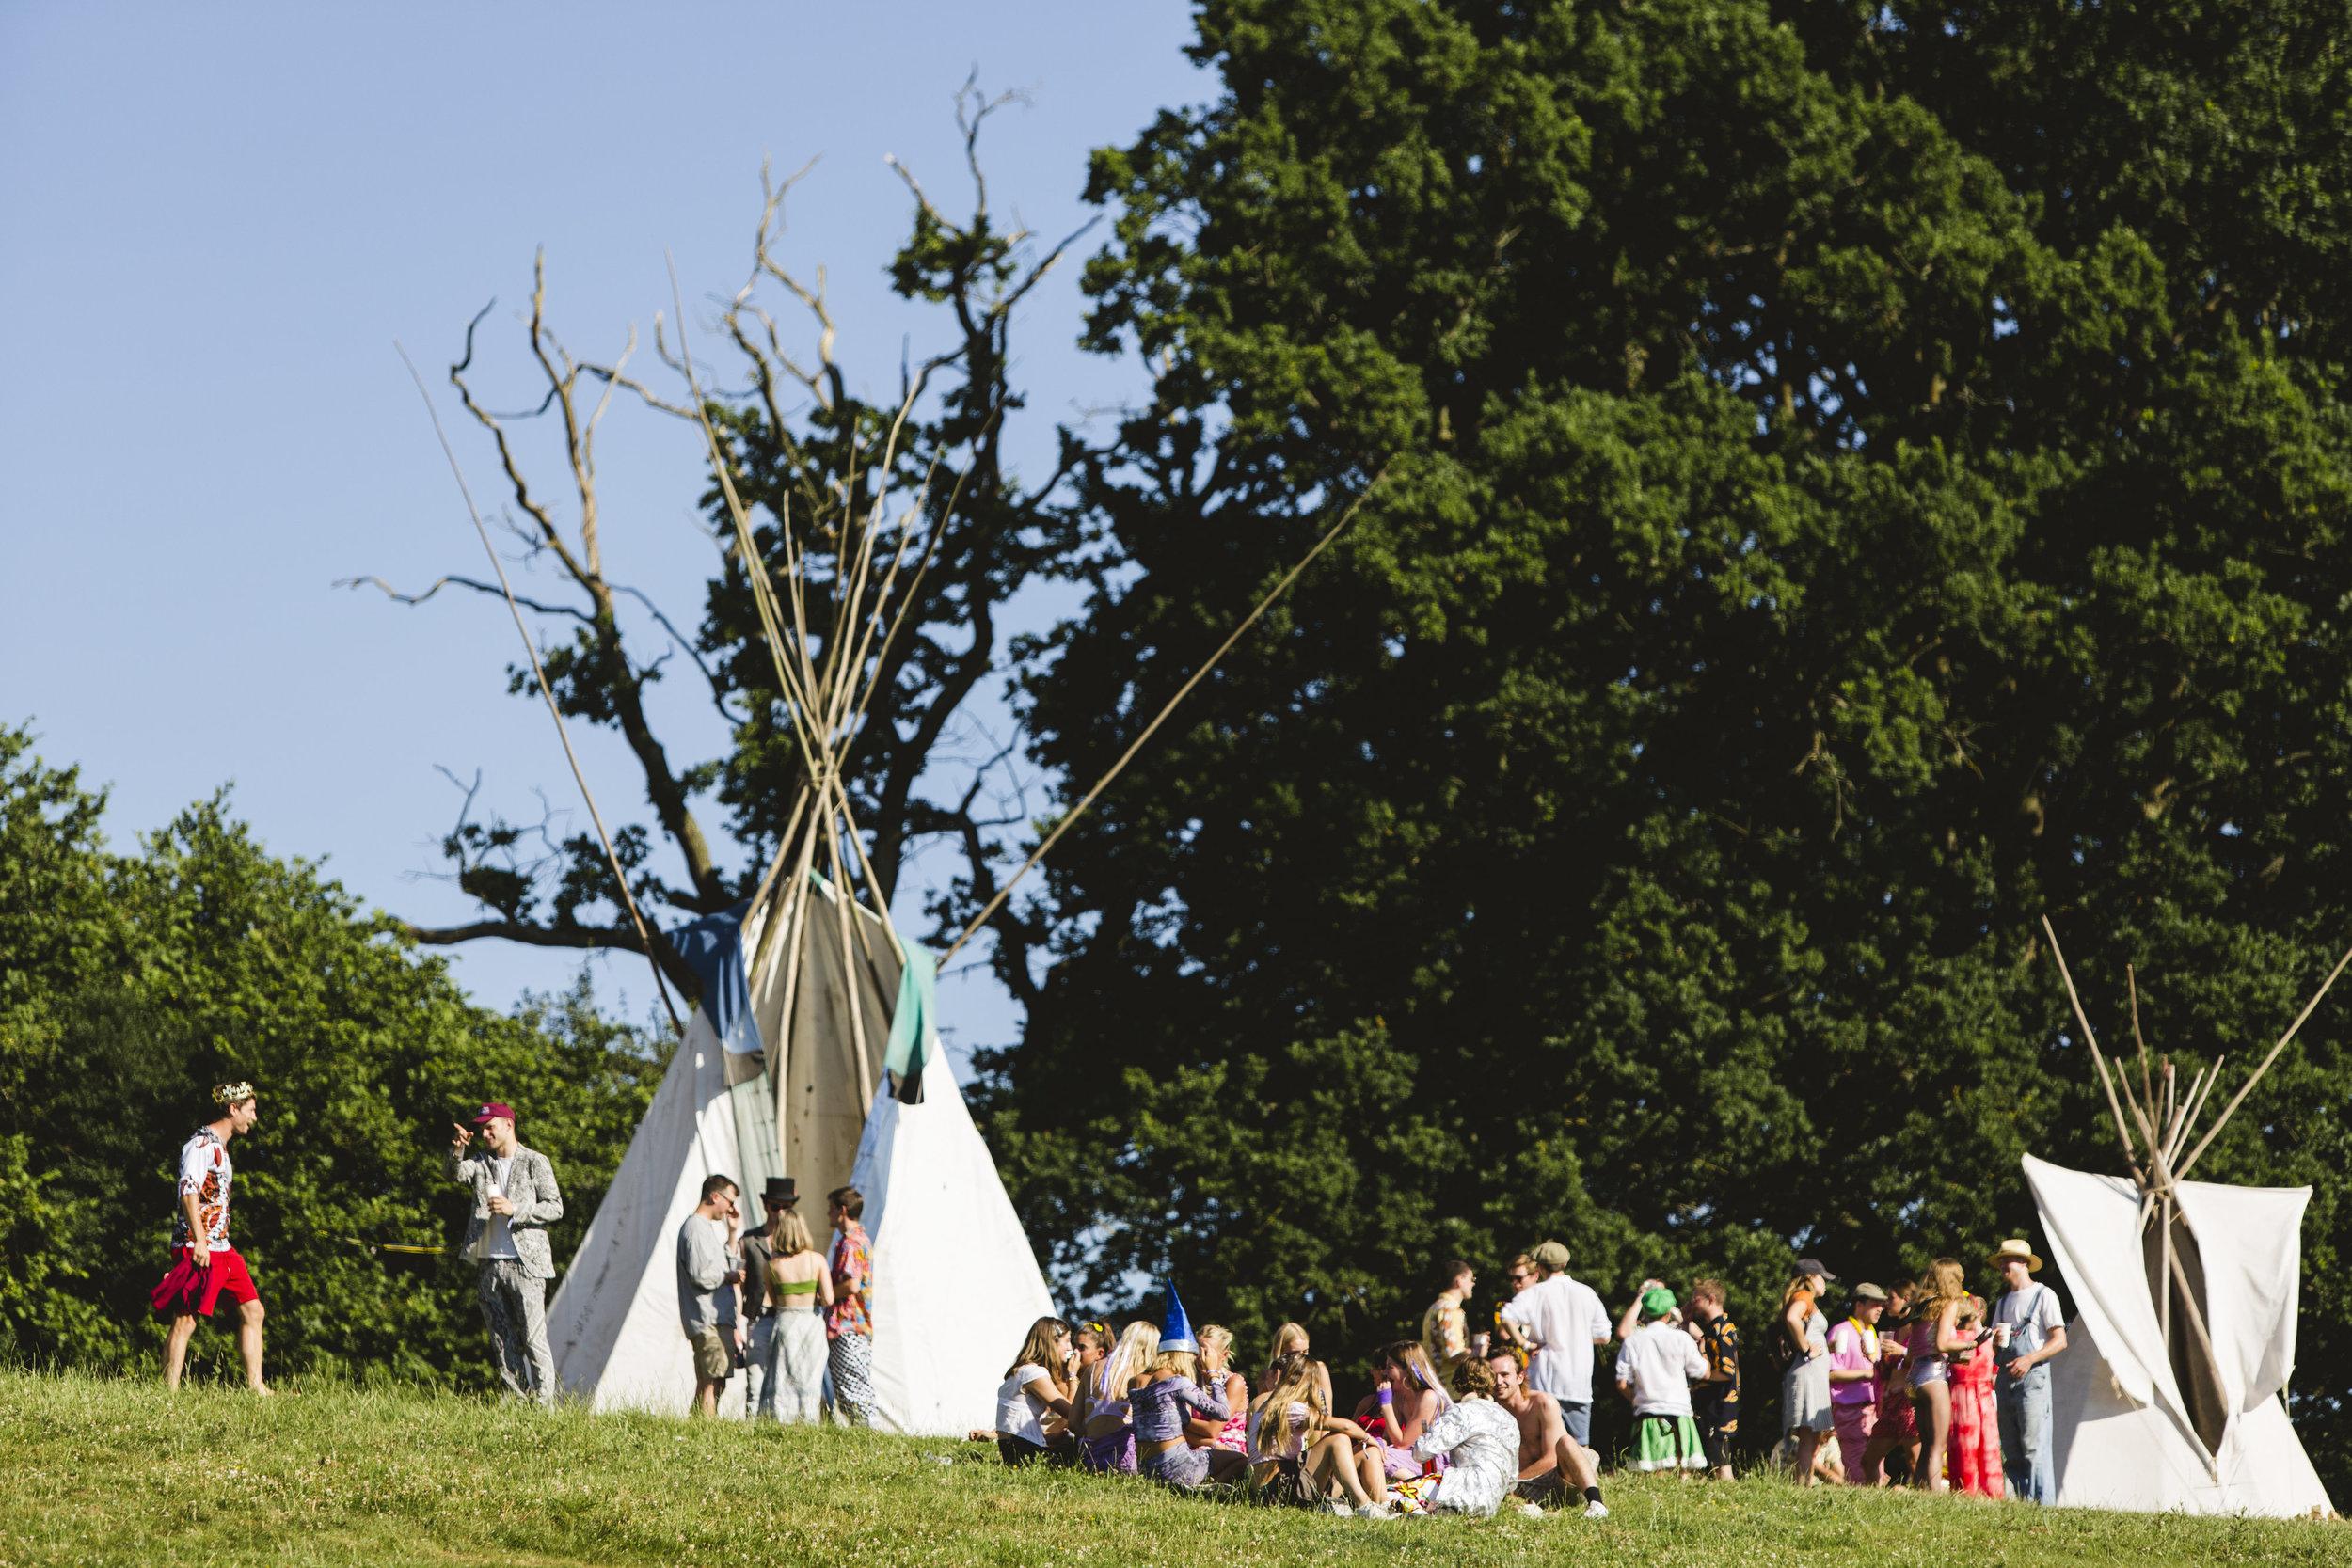 Wonderland-Festival-Avins-Farm-10.jpg